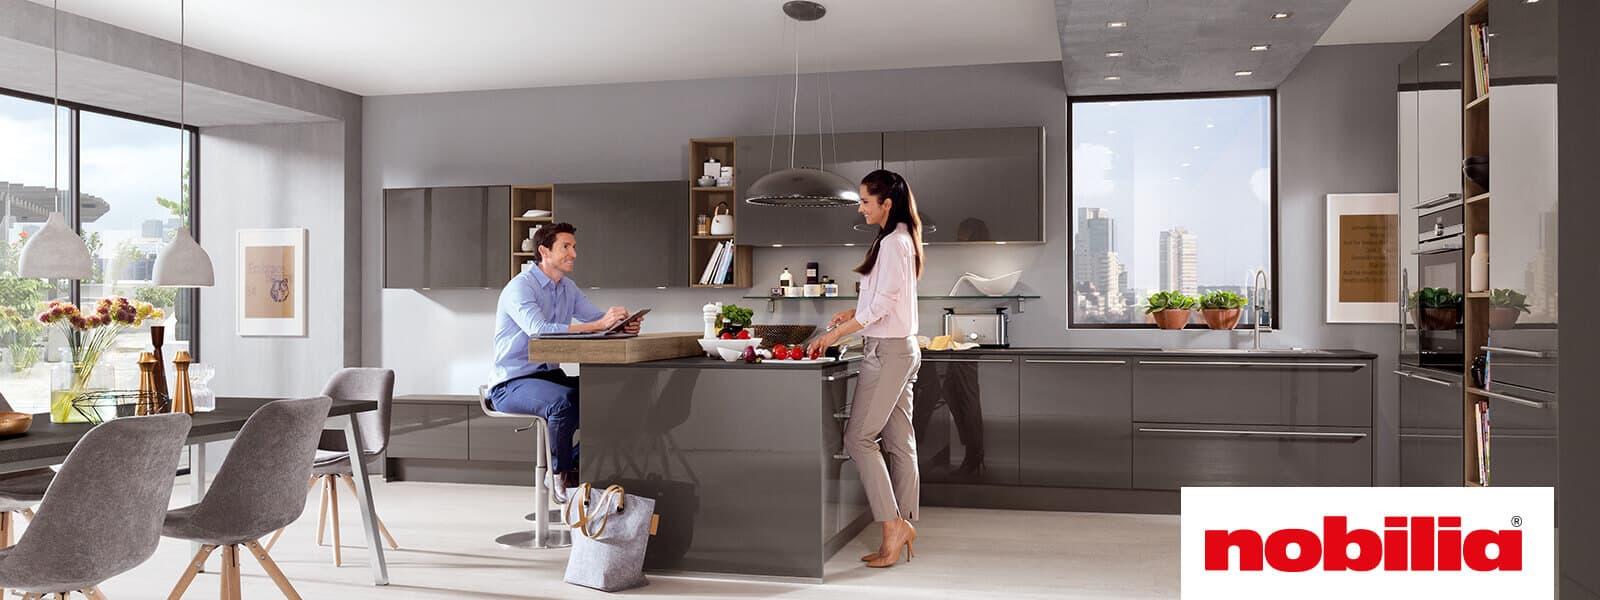 Full Size of Nobilia Sand Luhochglanz Trifft Auf Gradliniges Design Ottoversand Betten Küche Einbauküche Wohnzimmer Nobilia Sand